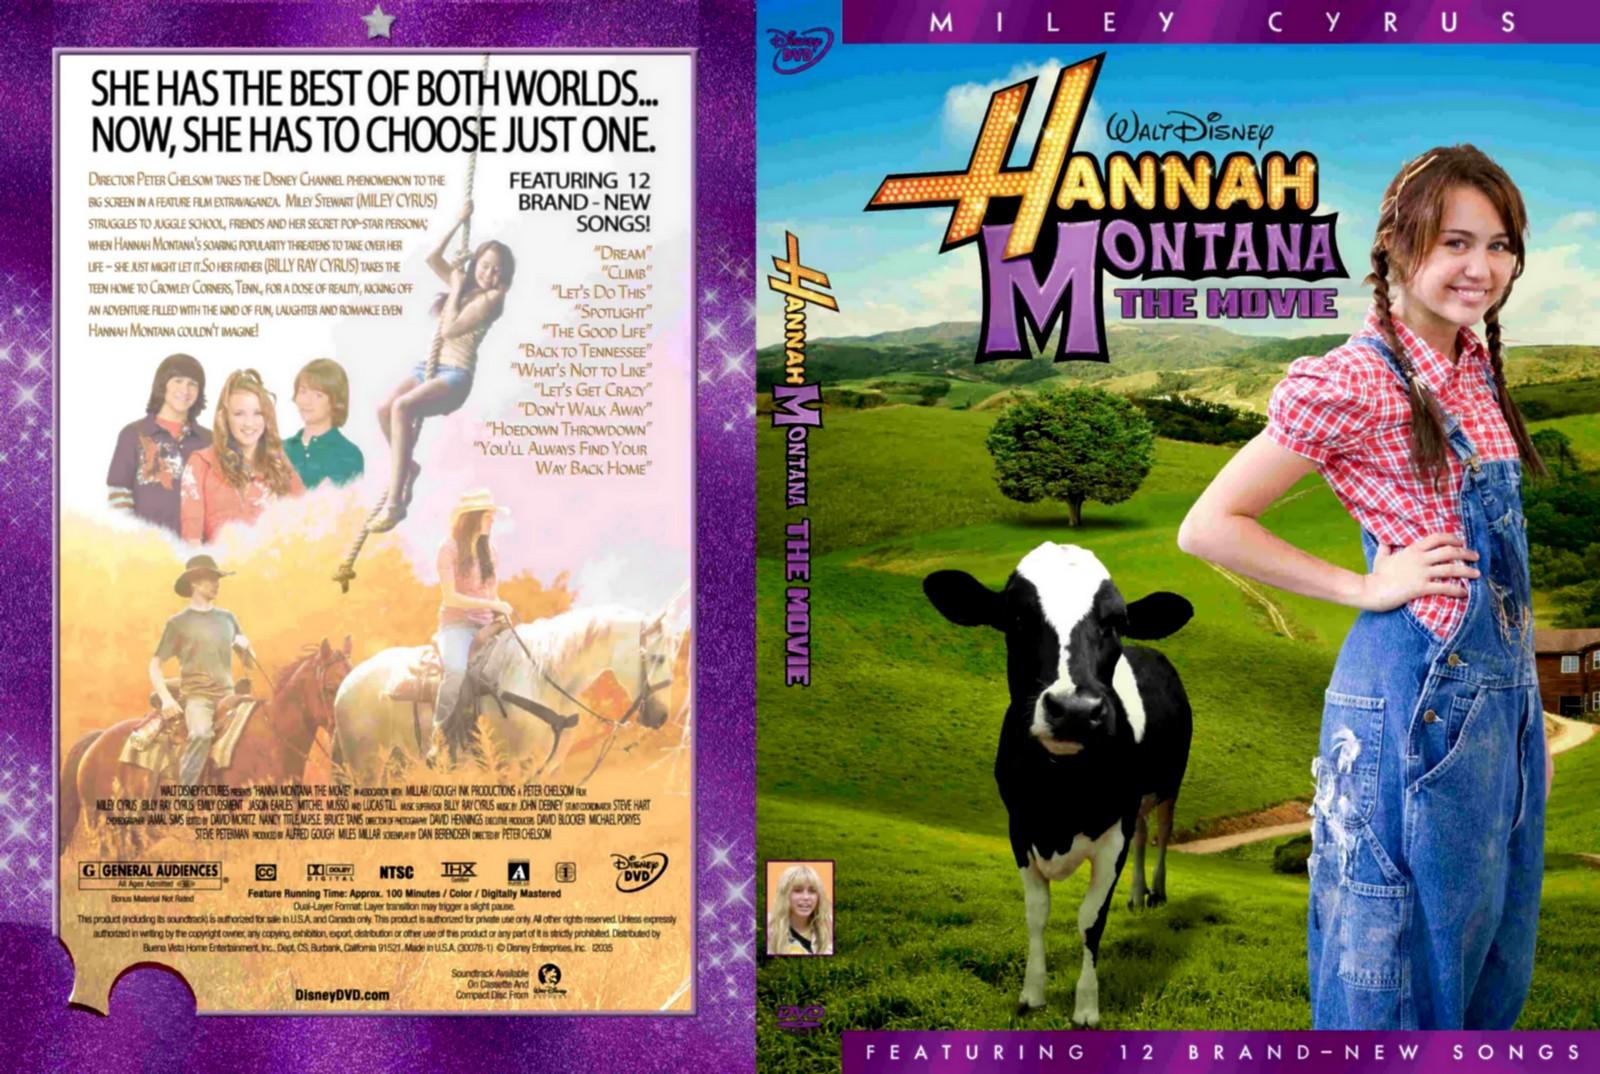 http://3.bp.blogspot.com/-HTB0dqYAtIk/Tp8ZOOfxjZI/AAAAAAABfTQ/uvrIKBA6qto/s1600/Hannah%2BMontana%2B-%2BThe%2BMovie.jpg